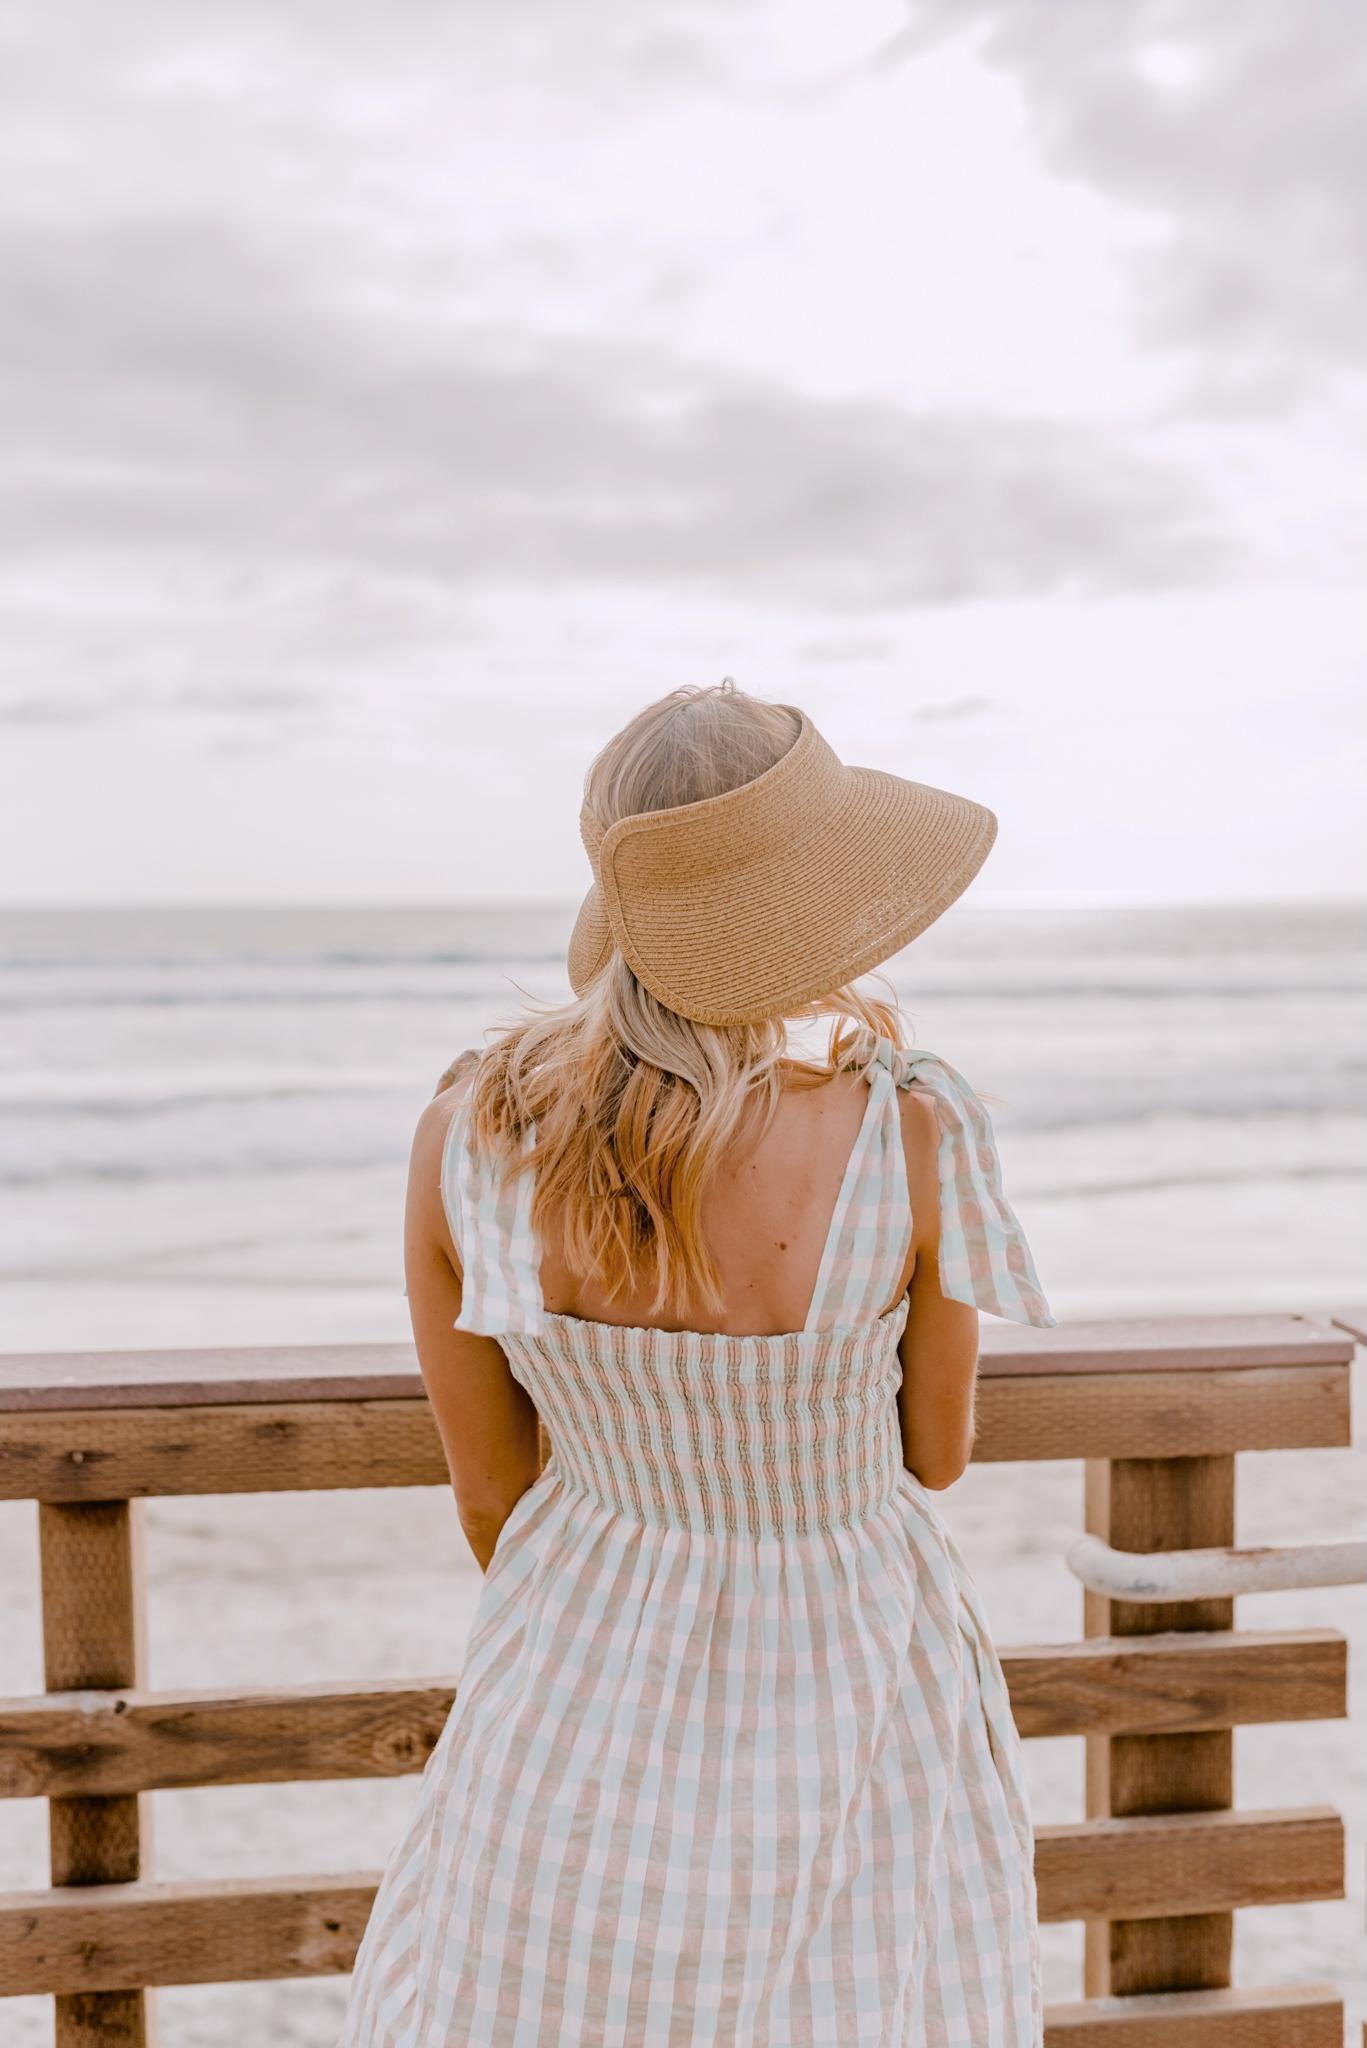 where to buy beach hat